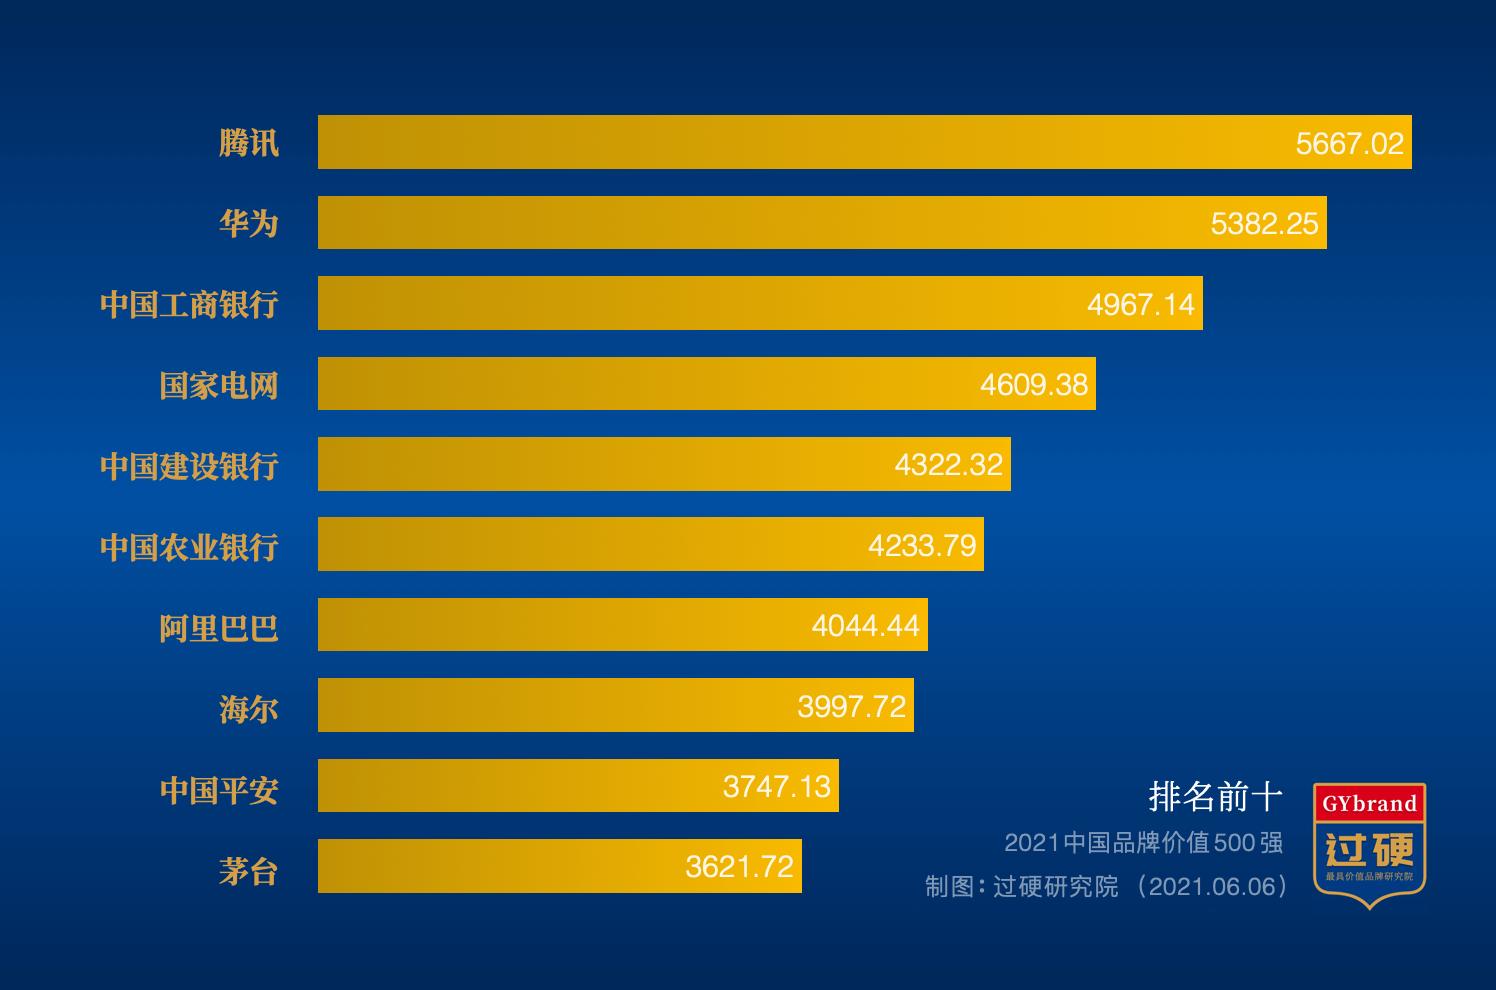 2021中国品牌价值500强排行榜前十名